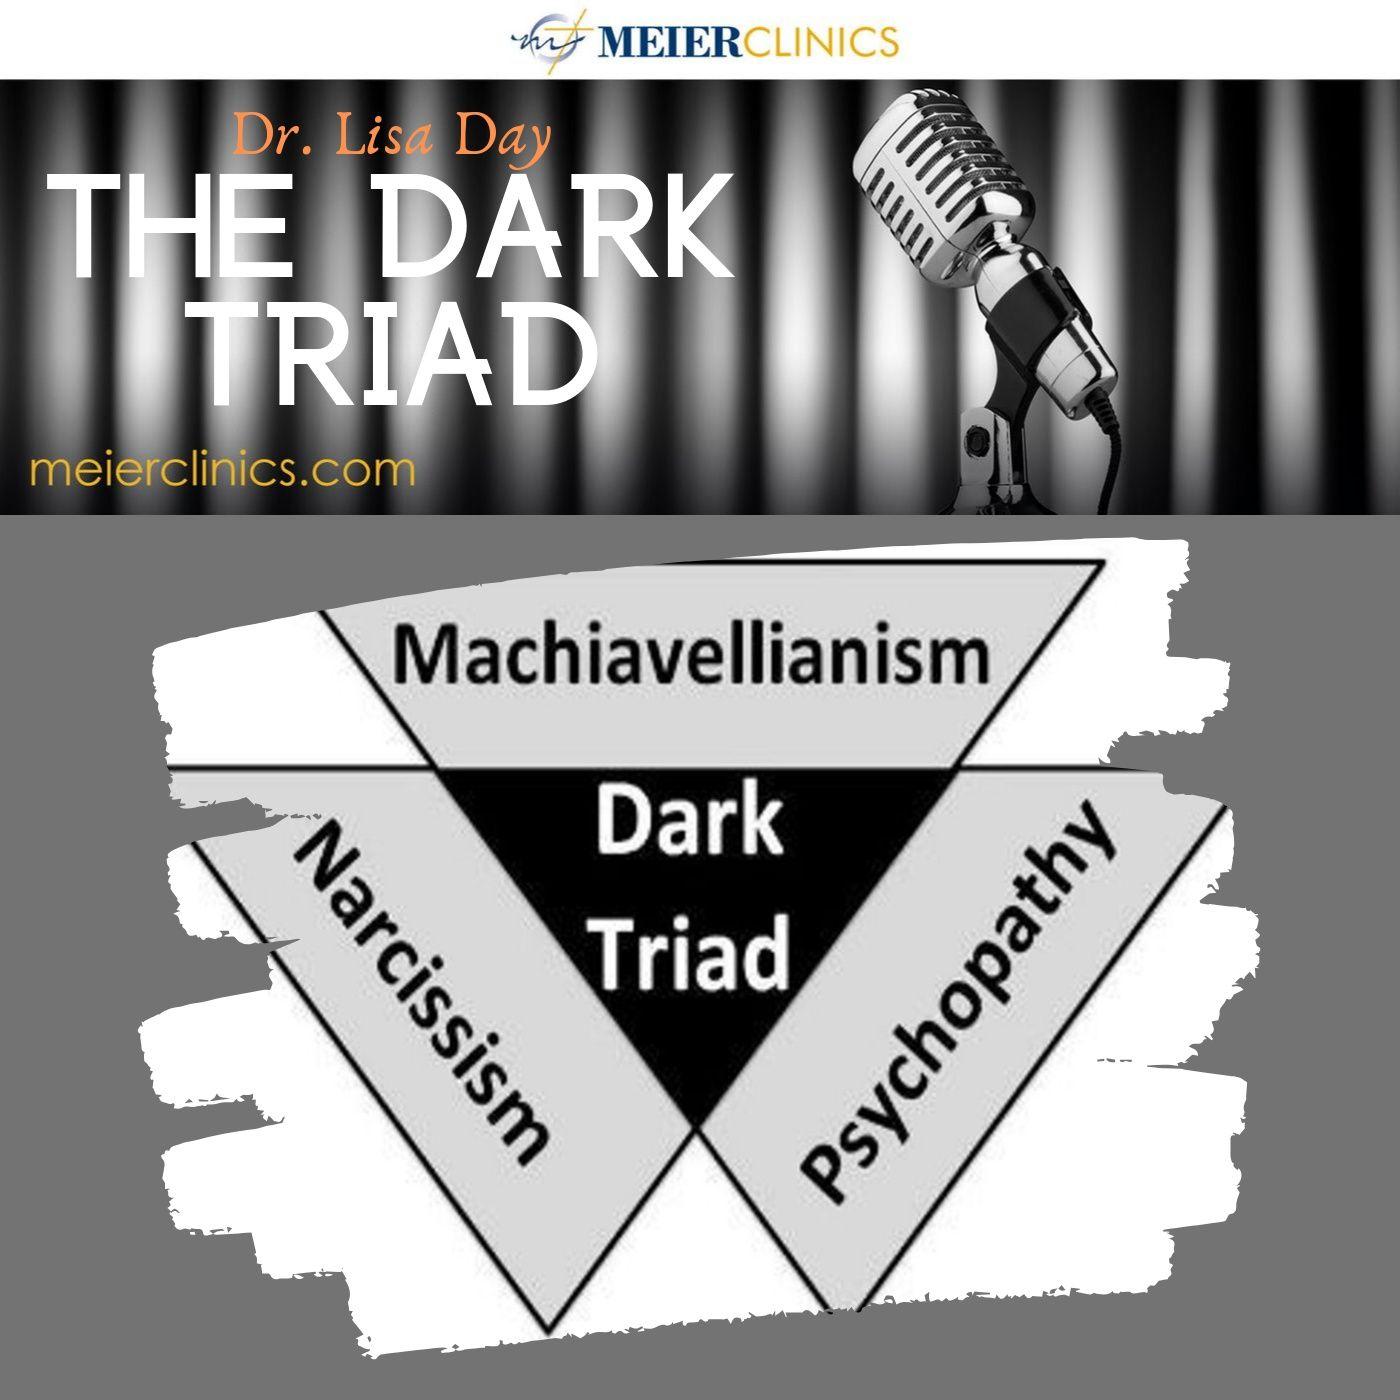 The Dark Triad: Narcissism, Machiavellianism, Psychopathy